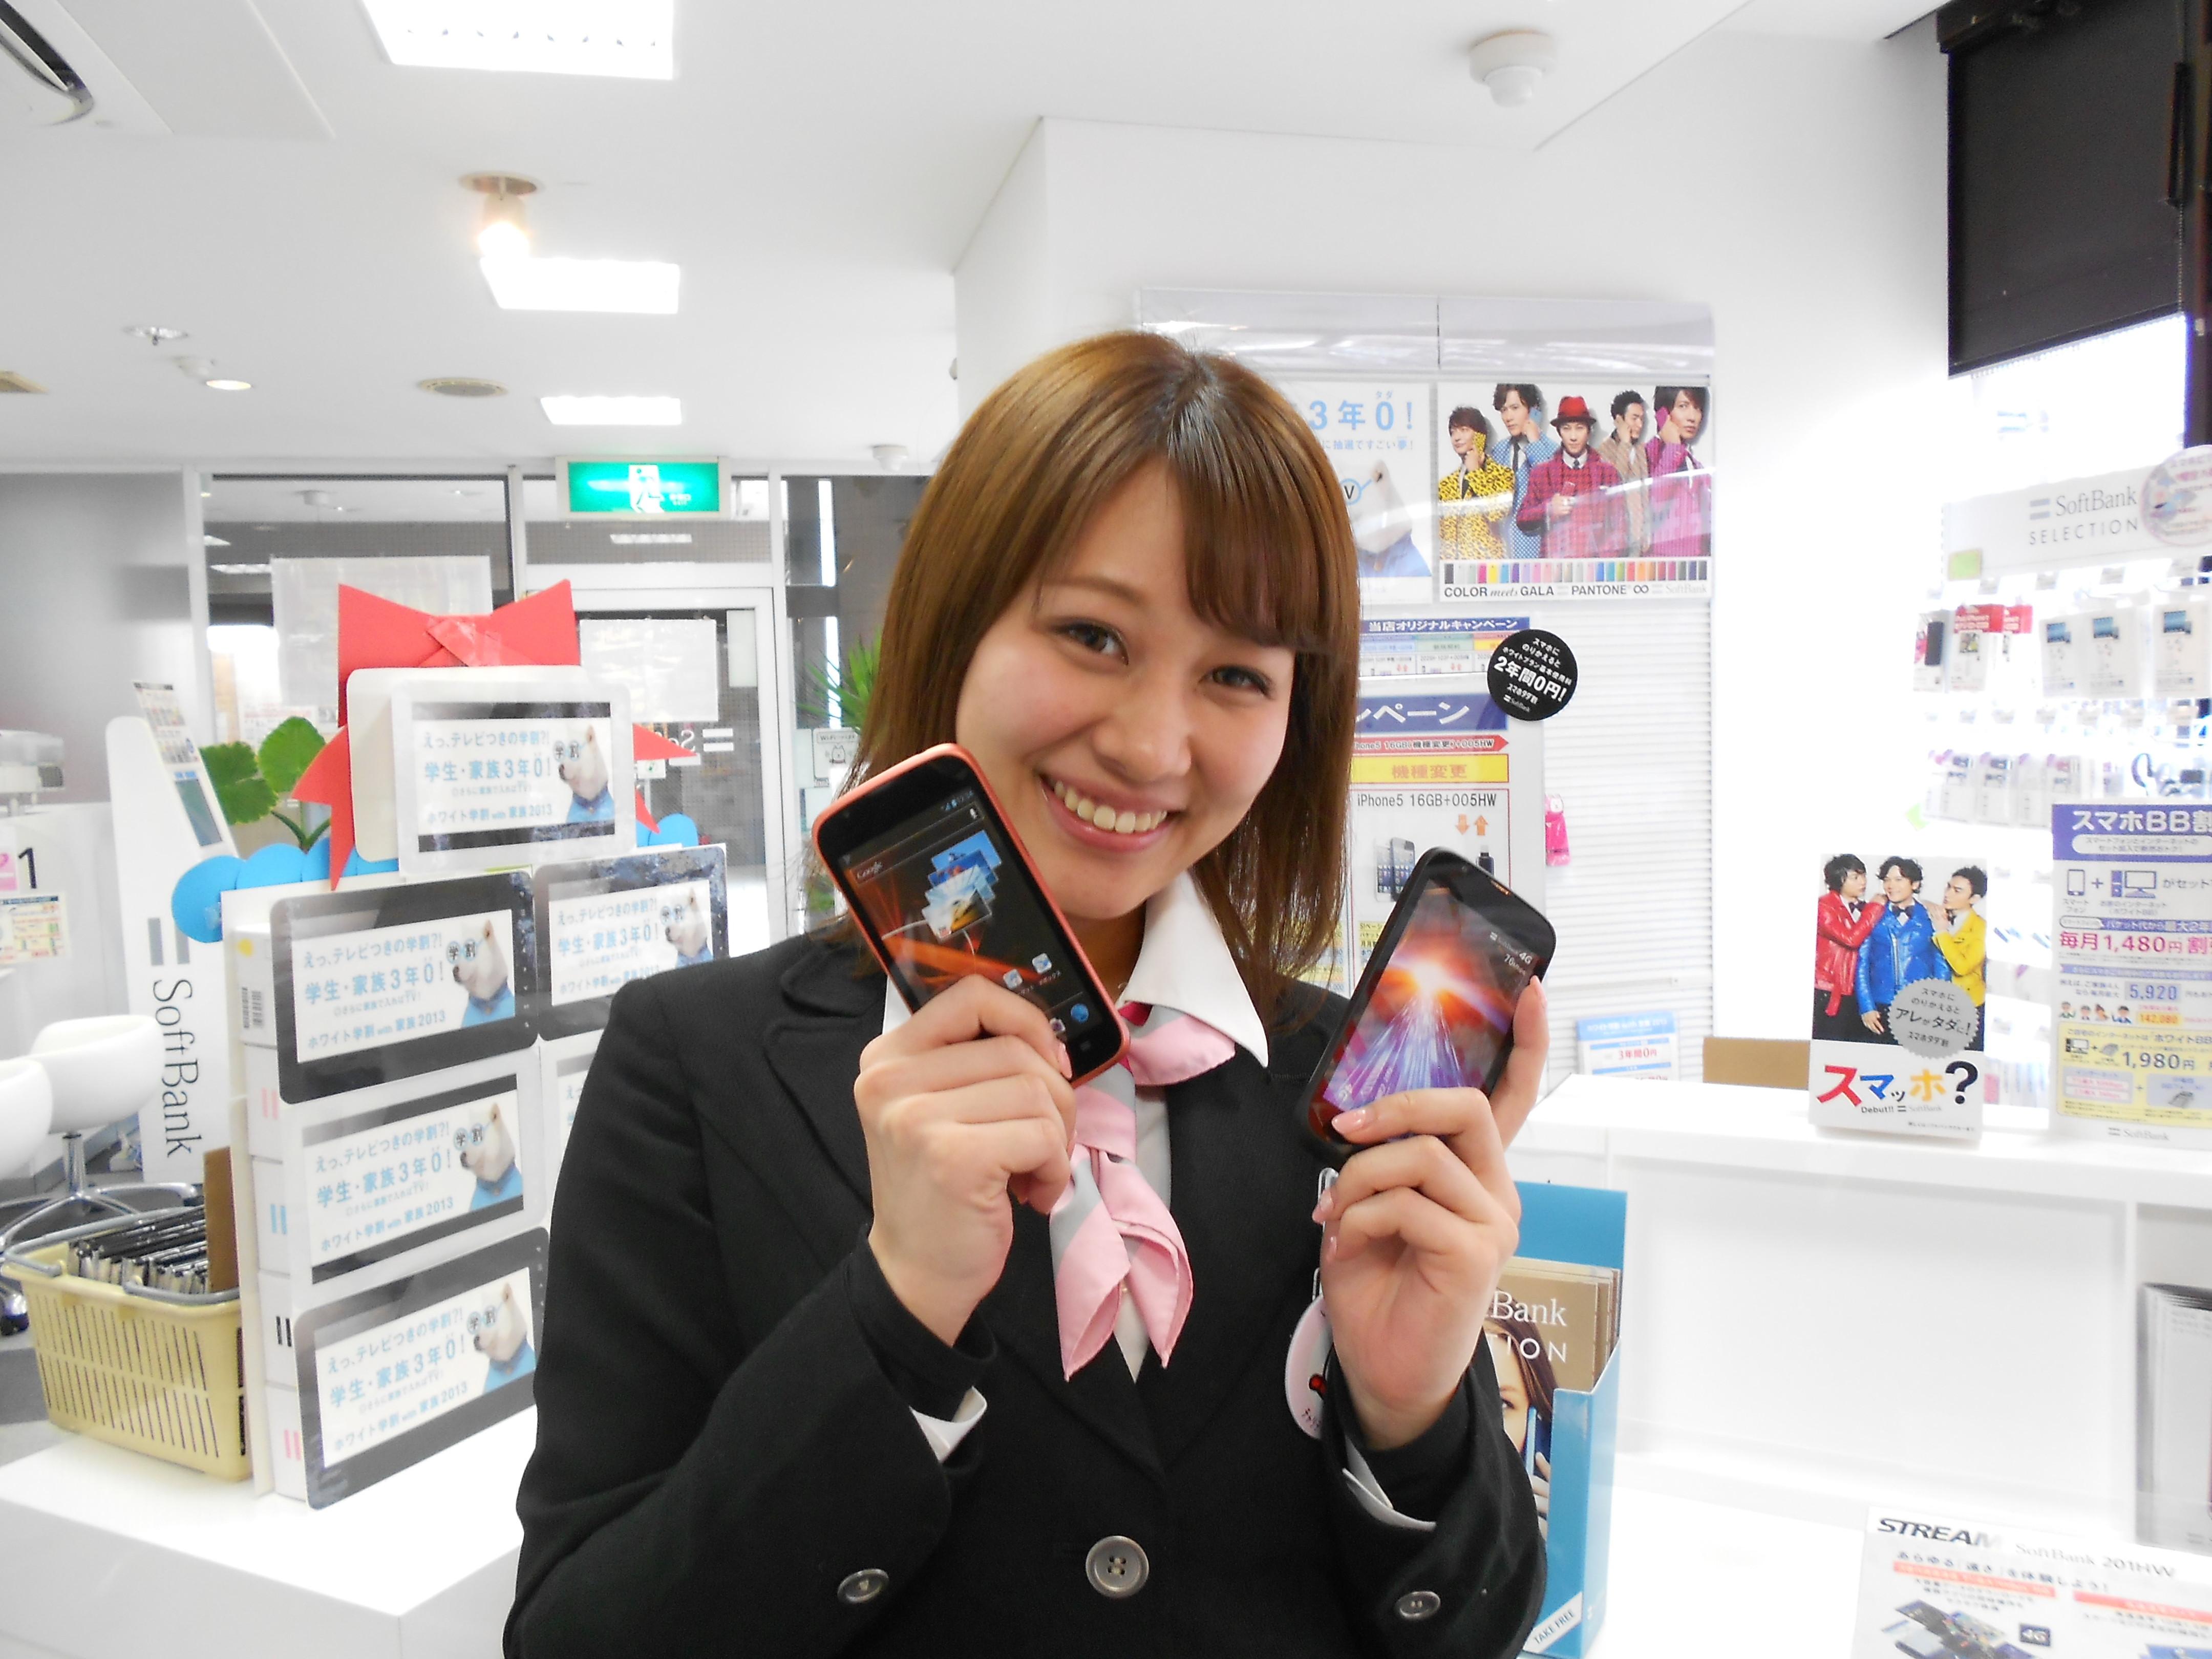 ソフトバンク 新前橋フォレストモール(株式会社シエロ)のアルバイト情報